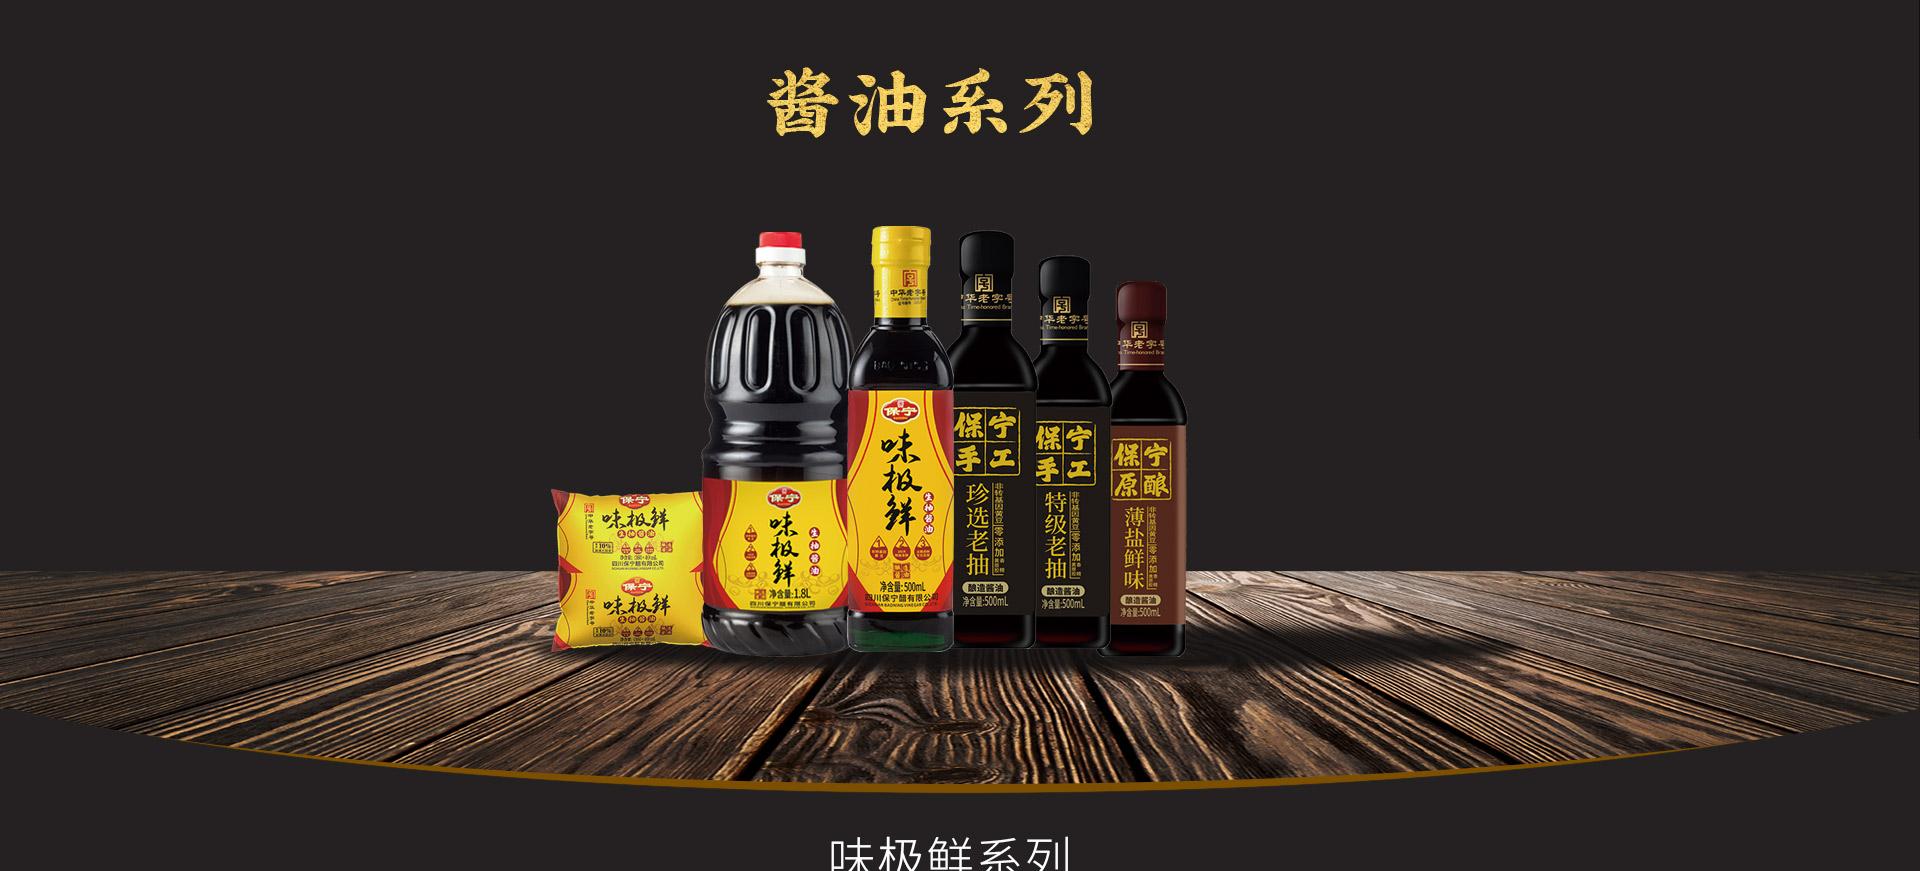 产品-酱油_01.jpg